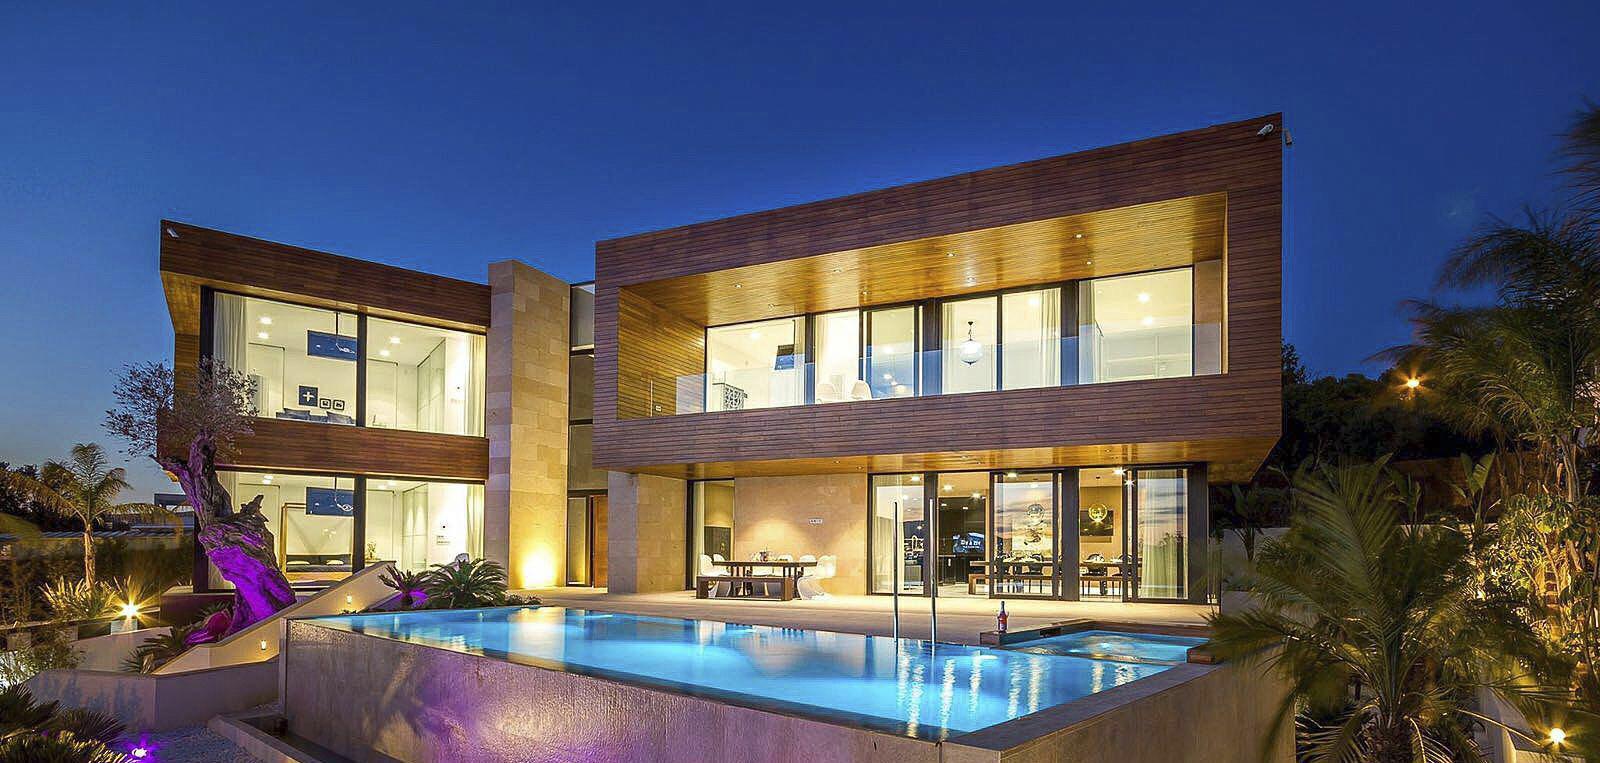 Villa Valeria Ibiza - villa for sale in Ibiza   EasyIbiza